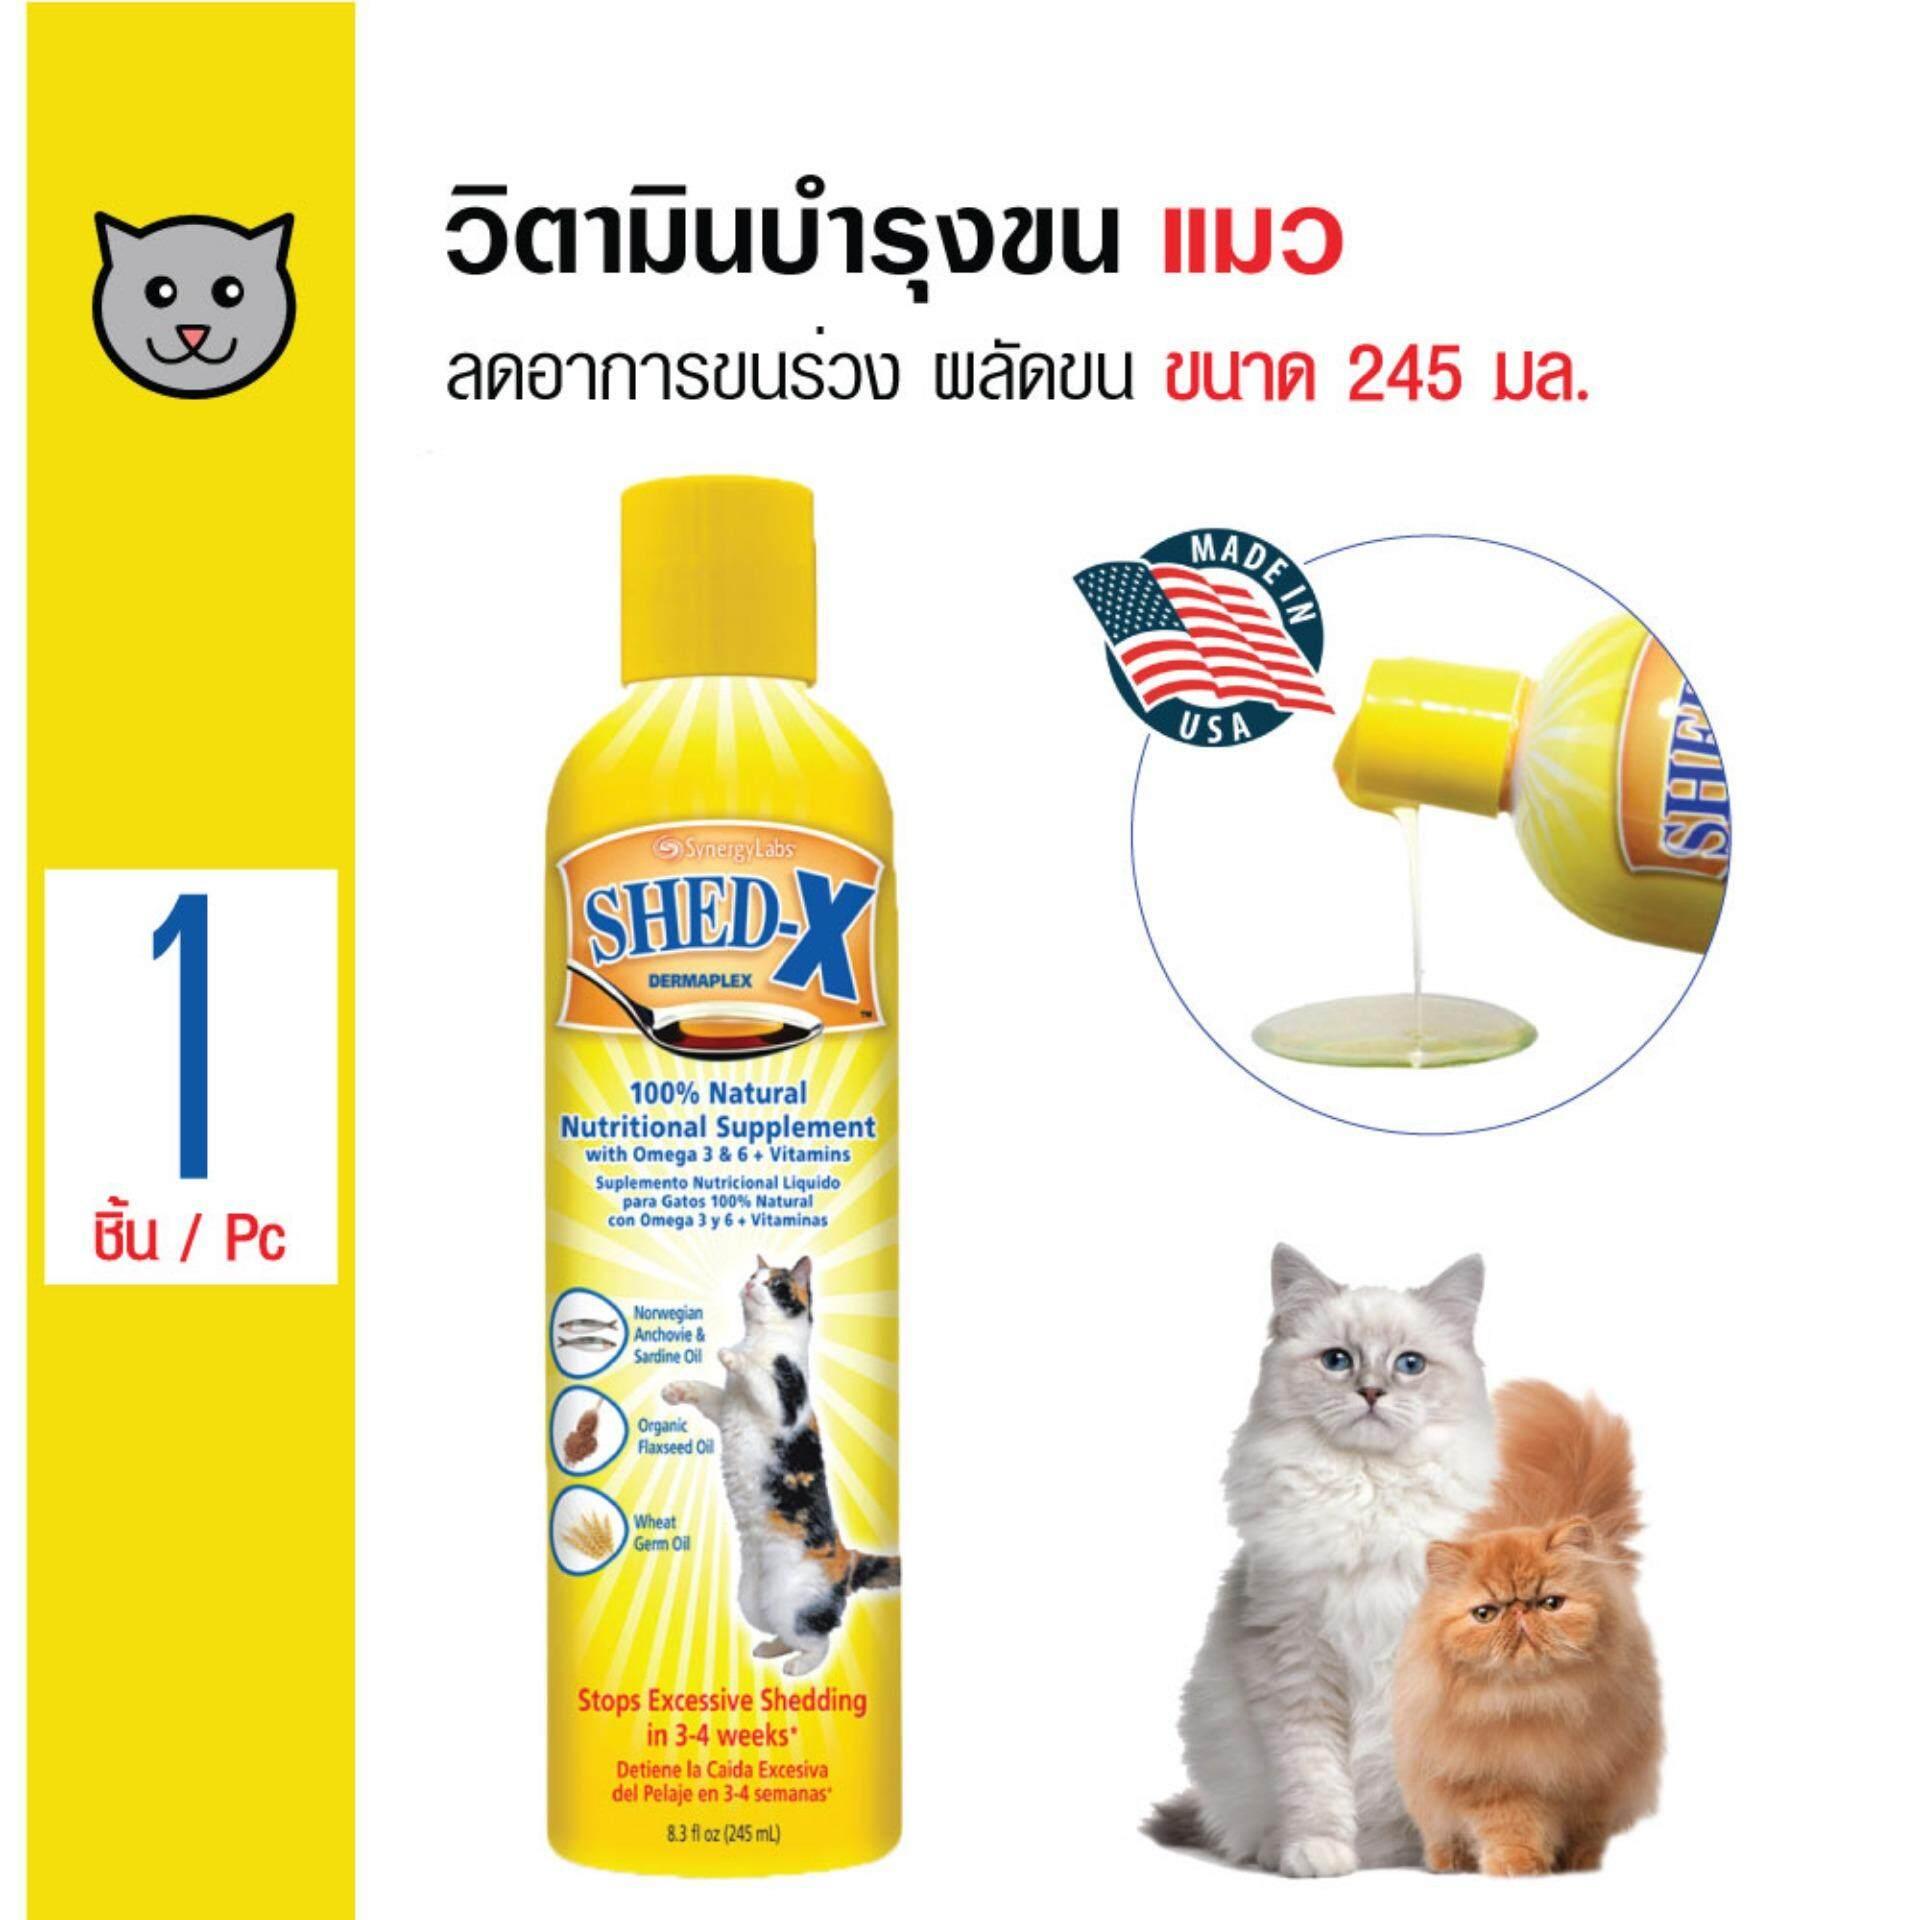 Shed-X Cat วิตามินบำรุงขน ลดอาการขนร่วง ผลัดขน ทานง่าย สำหรับแมว 4 เดือนขึ้นไป ขนาด 245 มล.